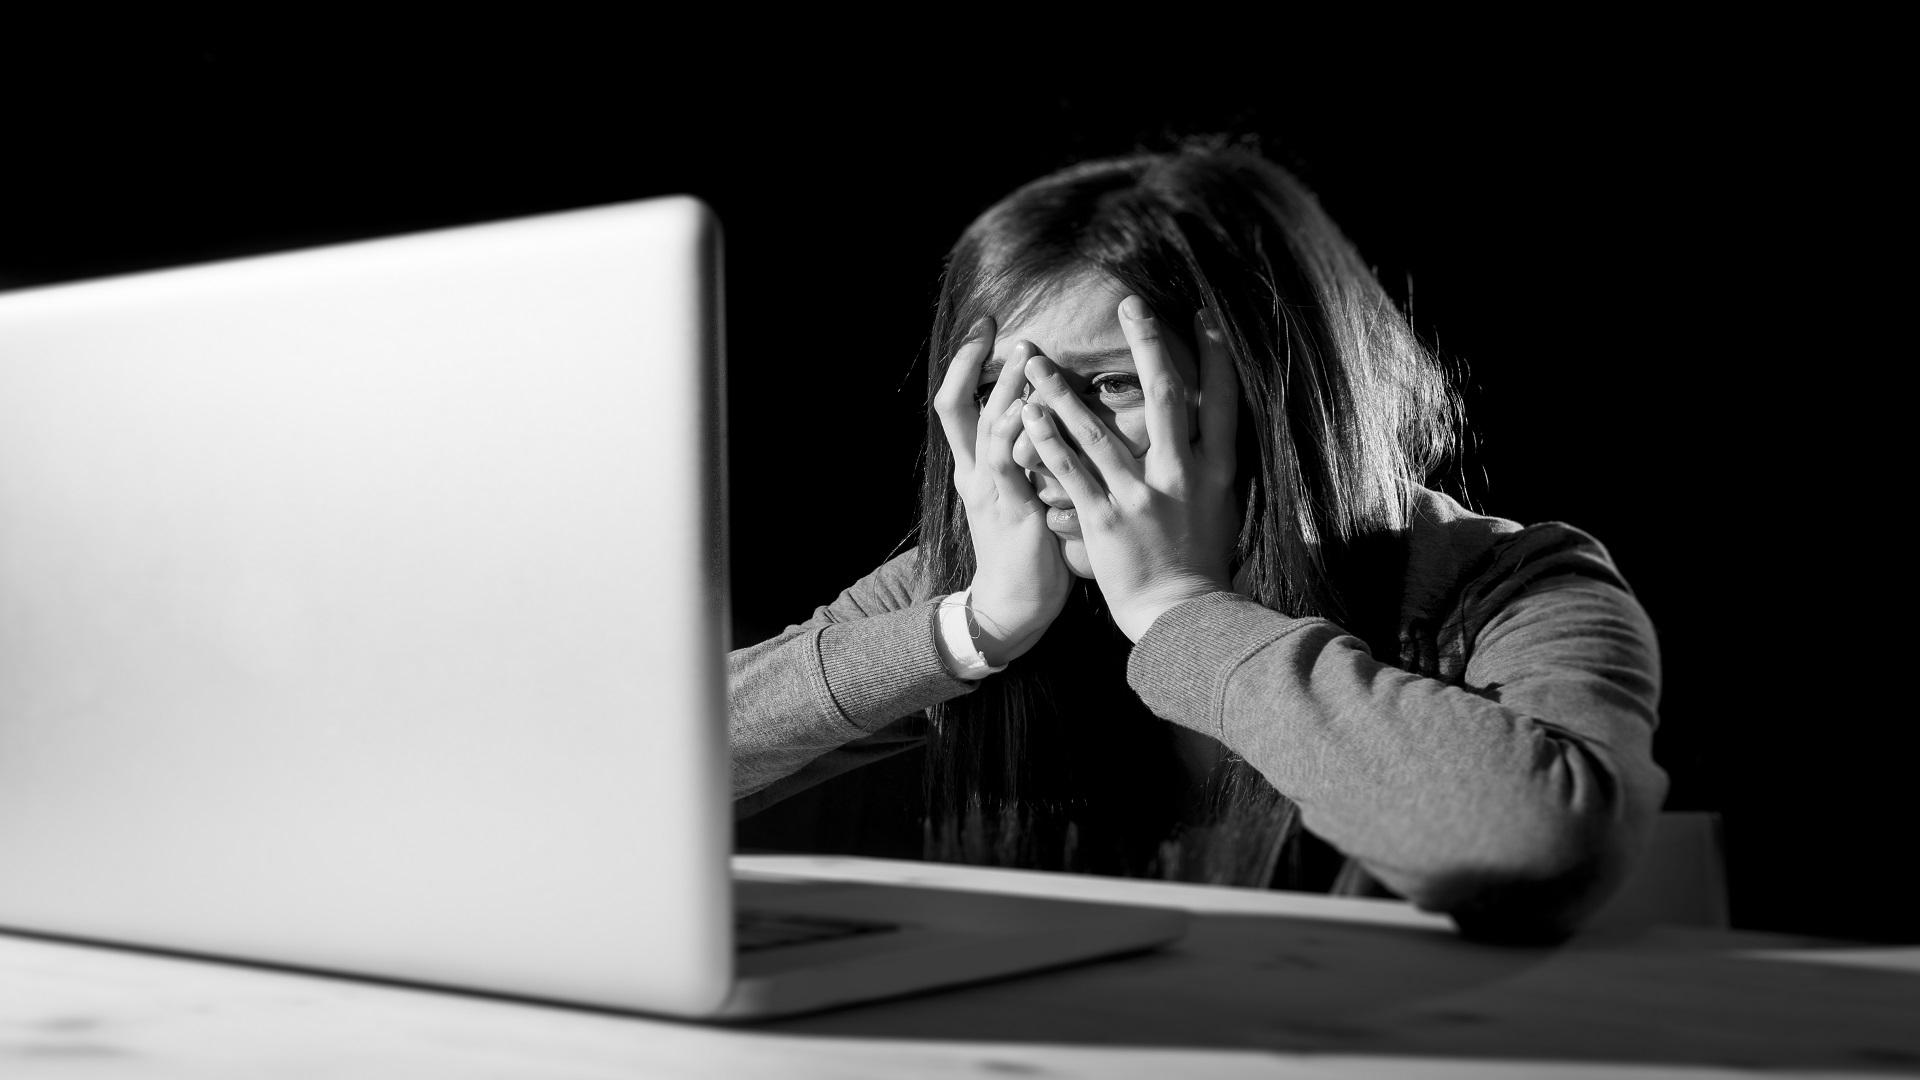 internet-zaklatas-millasreggeli_hu.jpg